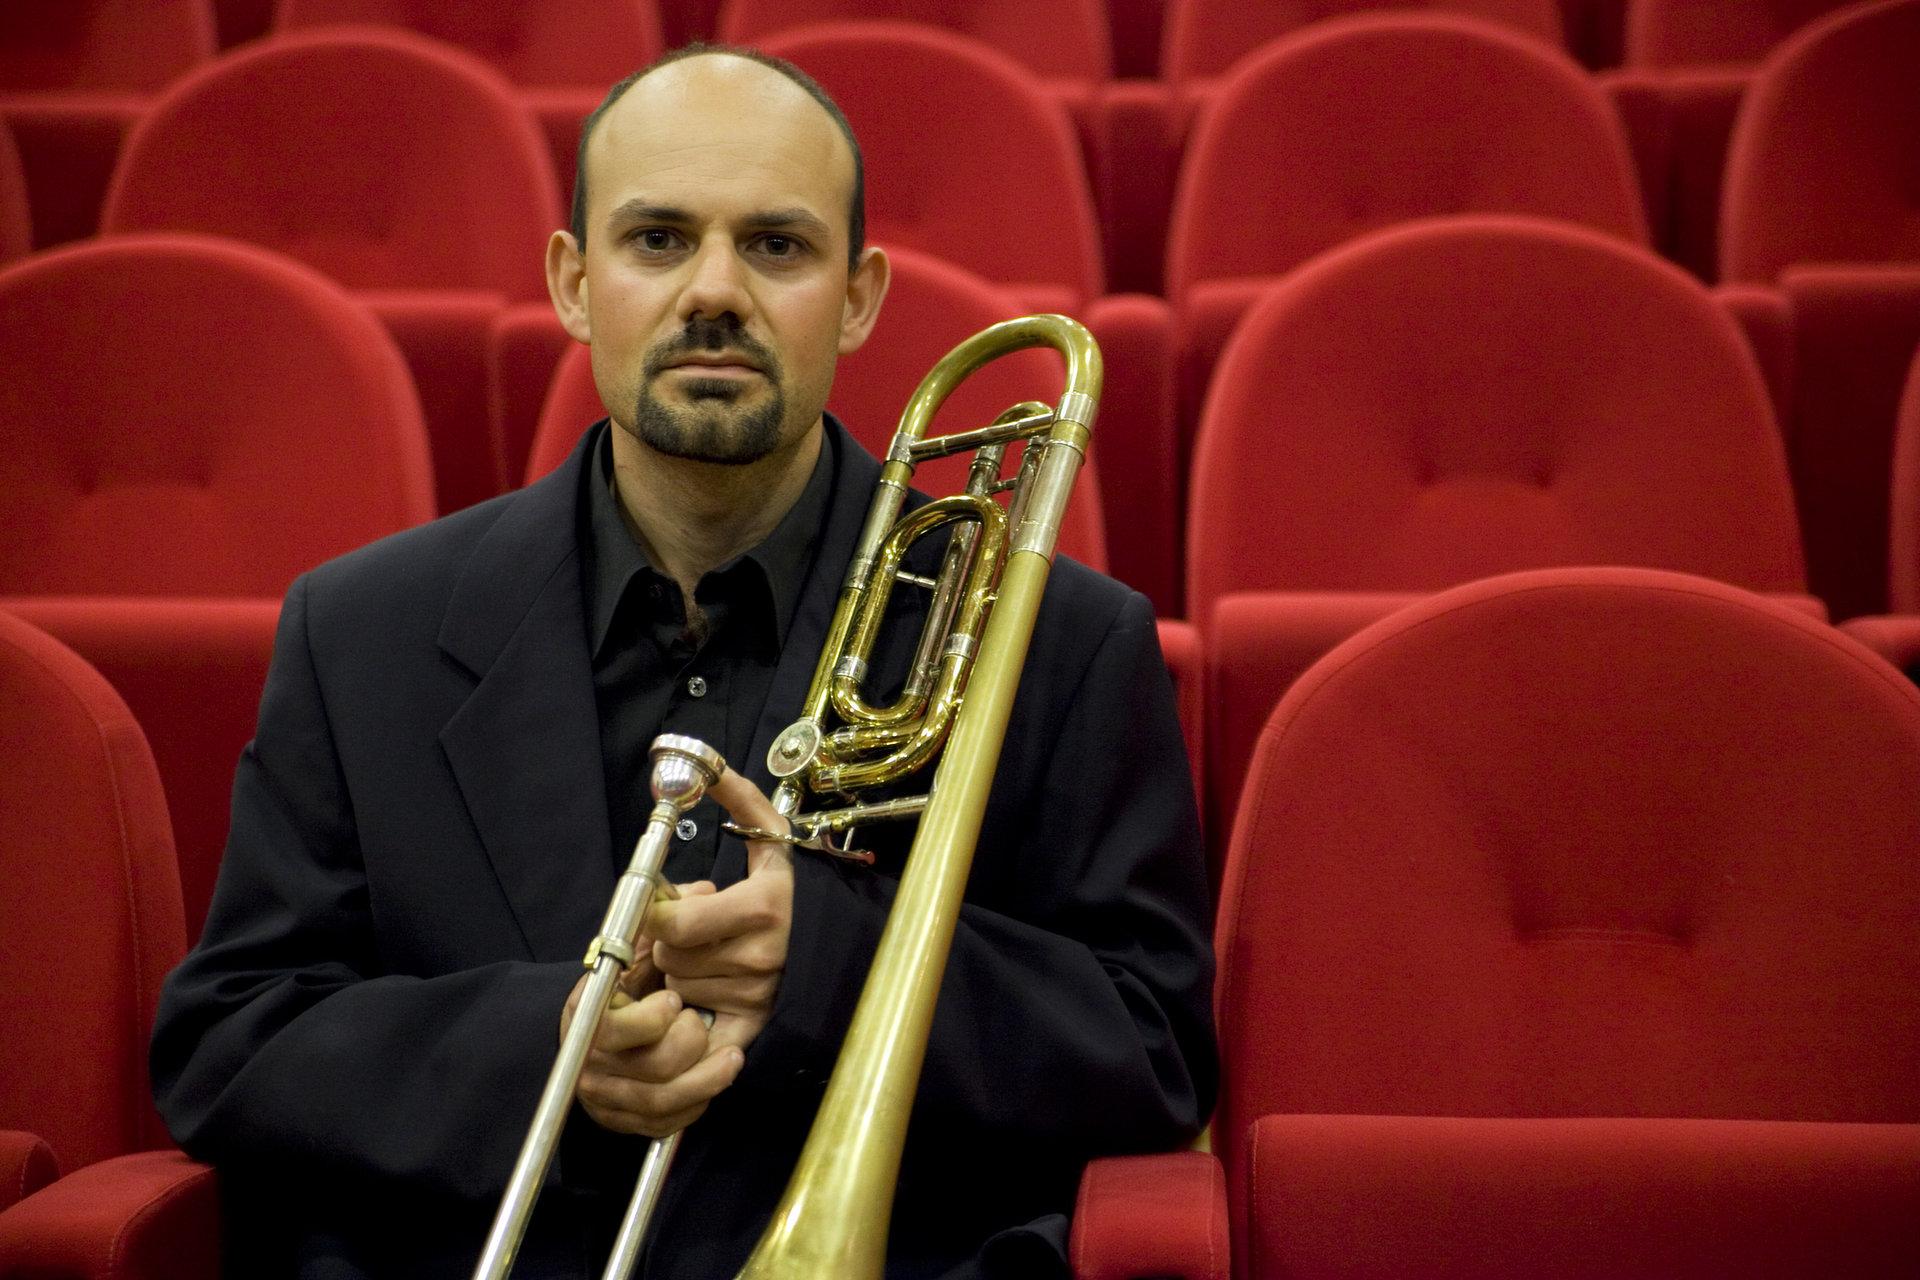 Francesco Cavallari